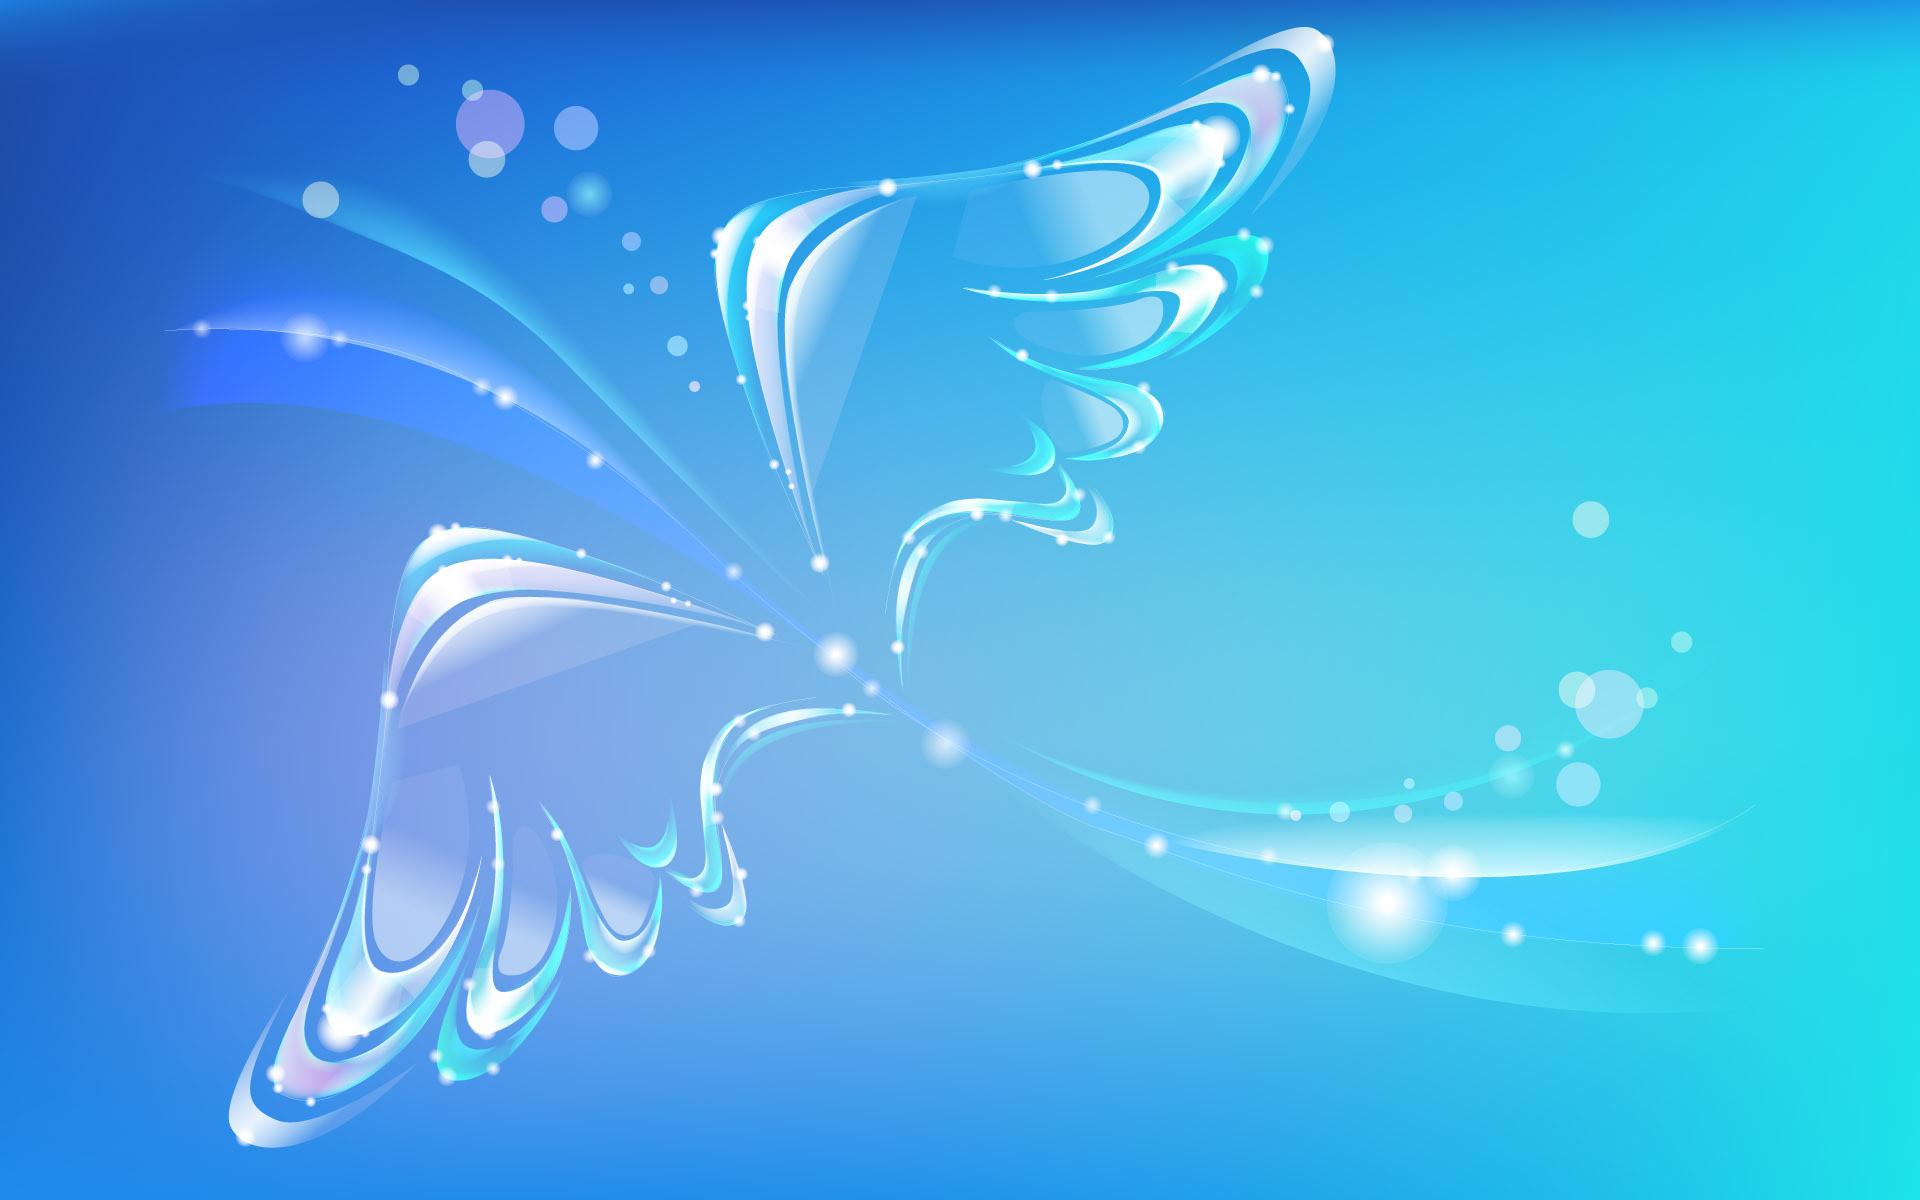 Beautiful Blue Abstract Bird #Wallpaper – HD Wallpapers